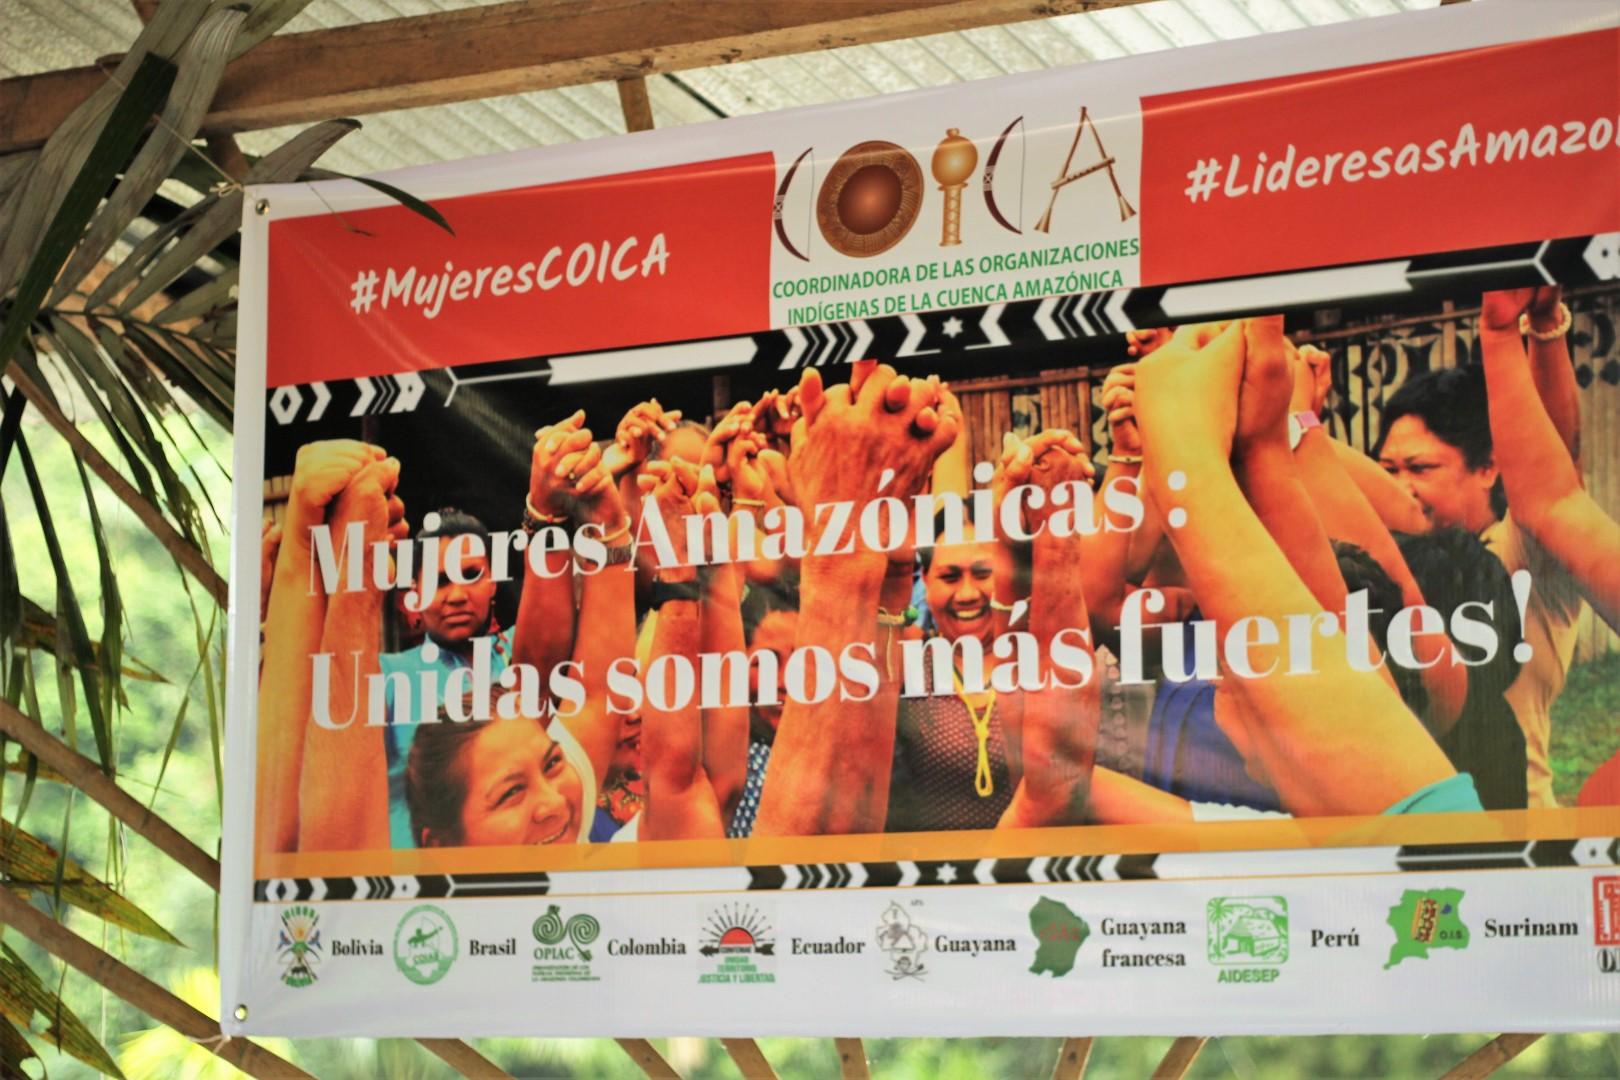 FOTO Reunicón consejo de género, mujeres y familia de COICA (71) (Large).JPG